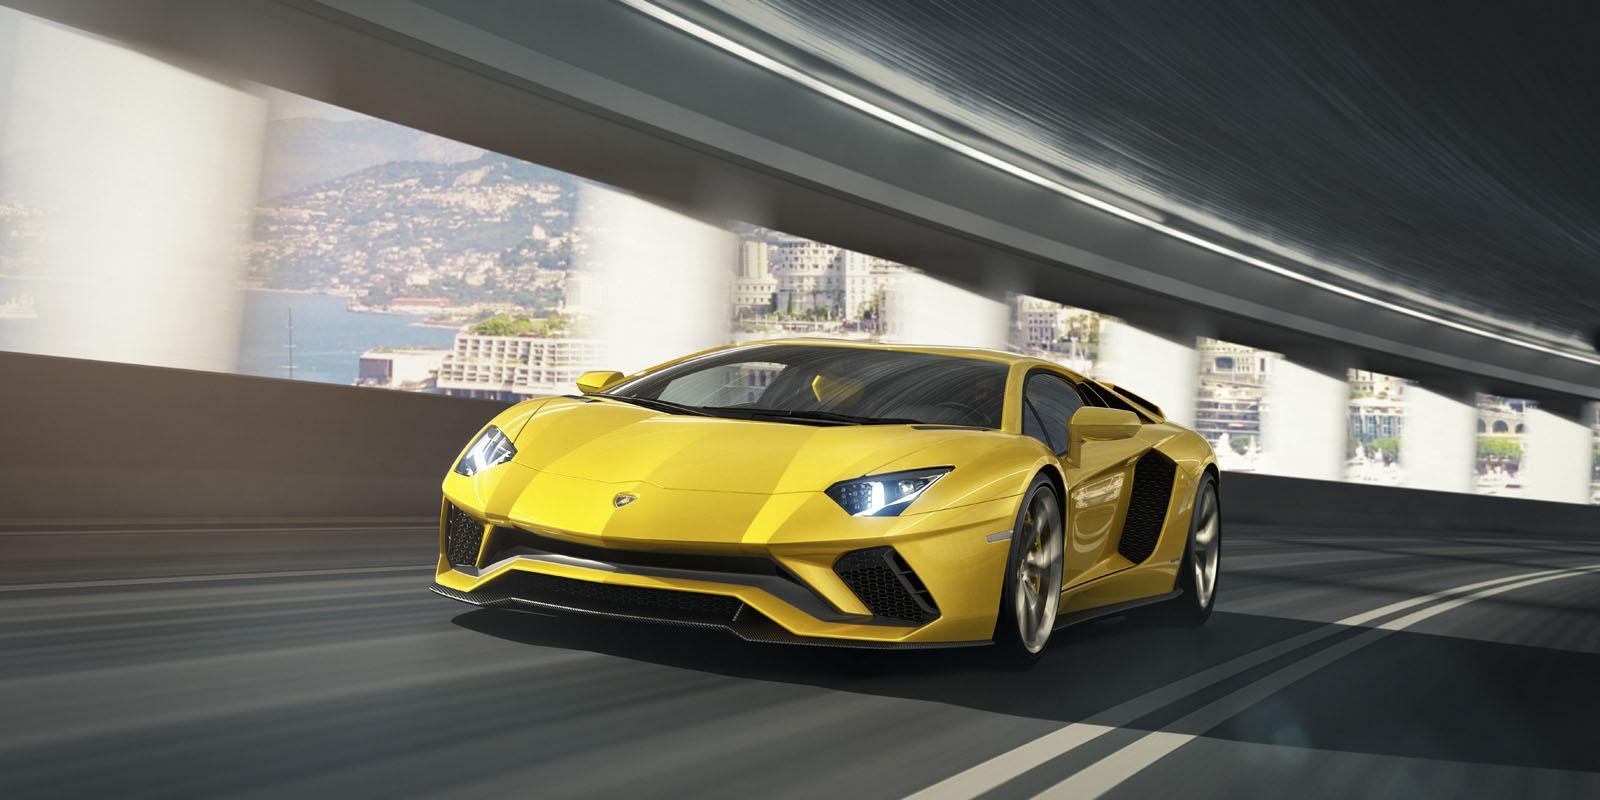 2018 Lamborghini Aventador S 13